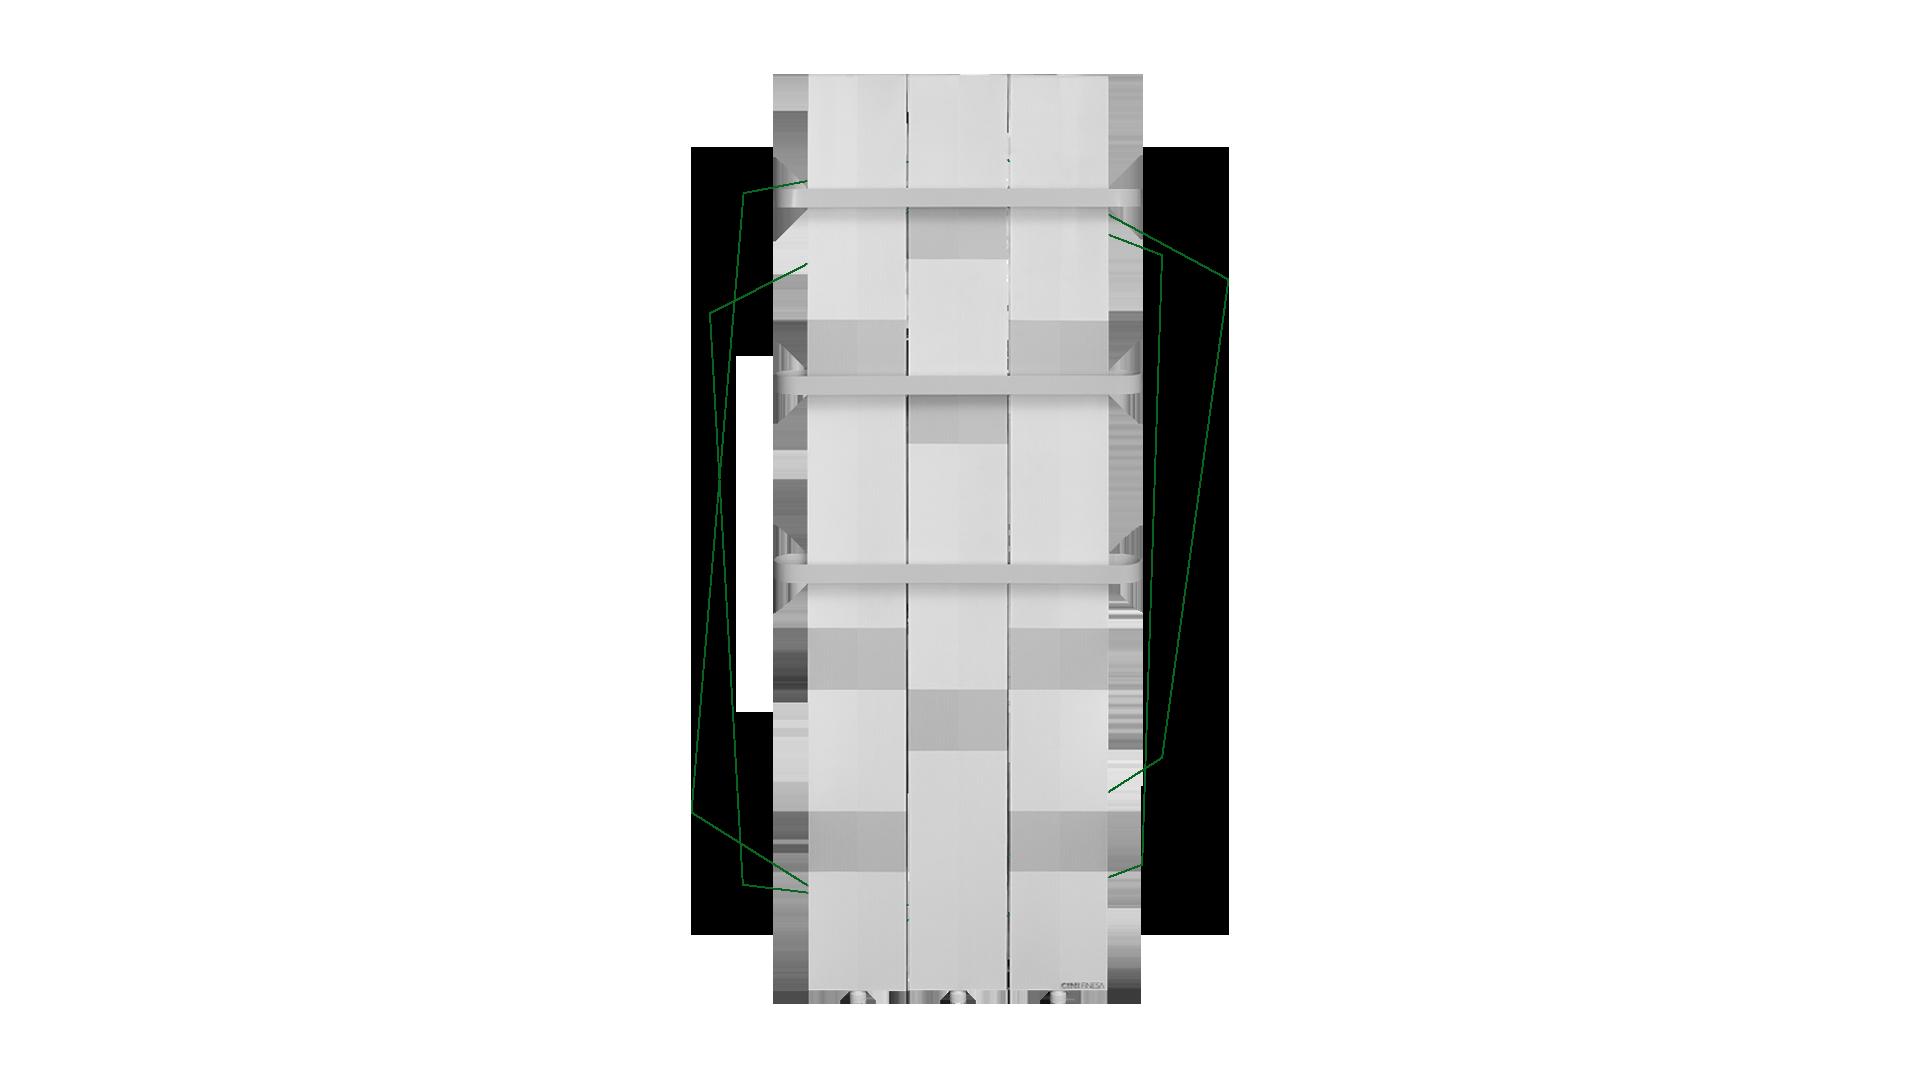 radijator za kupatilo cini finesa